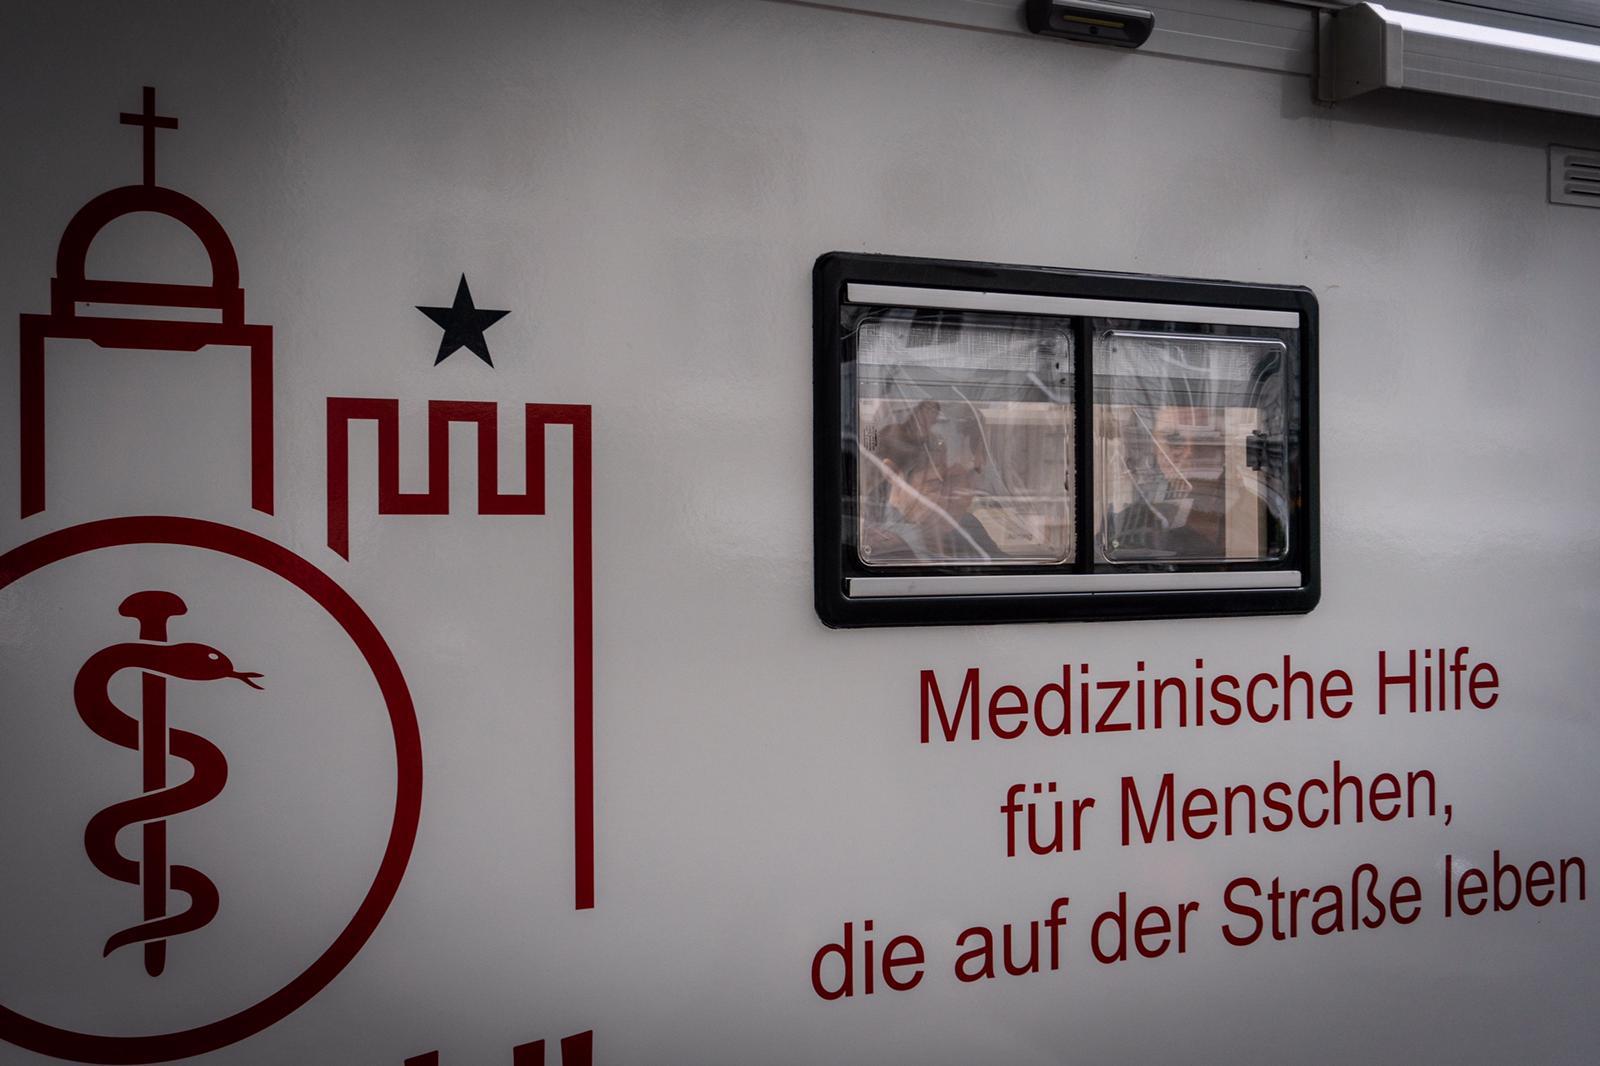 ArztMobil Hamburg, Unterstützen Sie uns